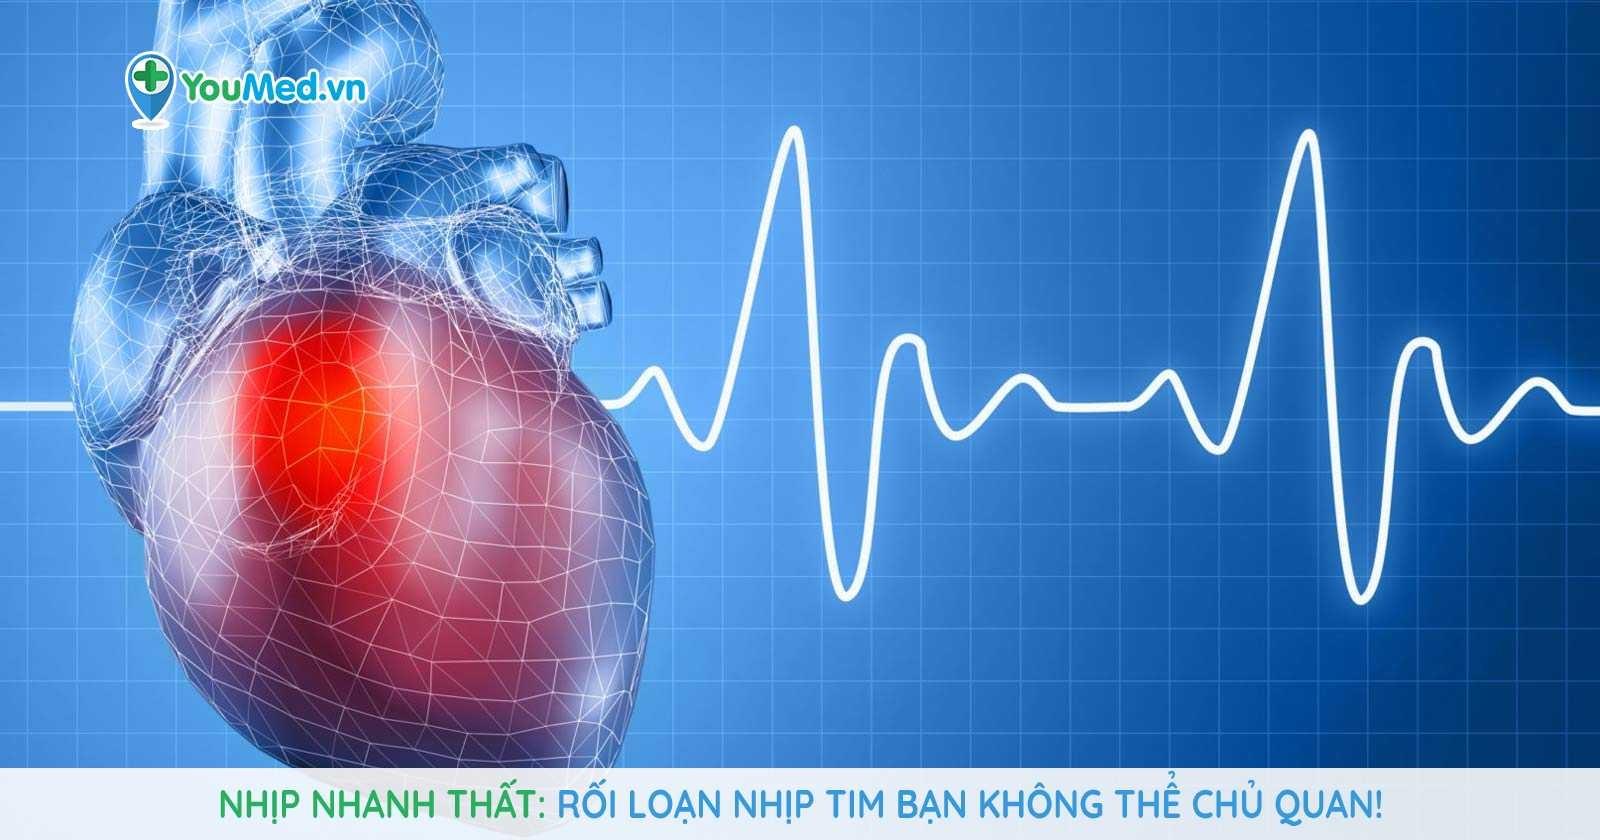 Nhịp nhanh thất: Rối loạn nhịp tim bạn không thể chủ quan!